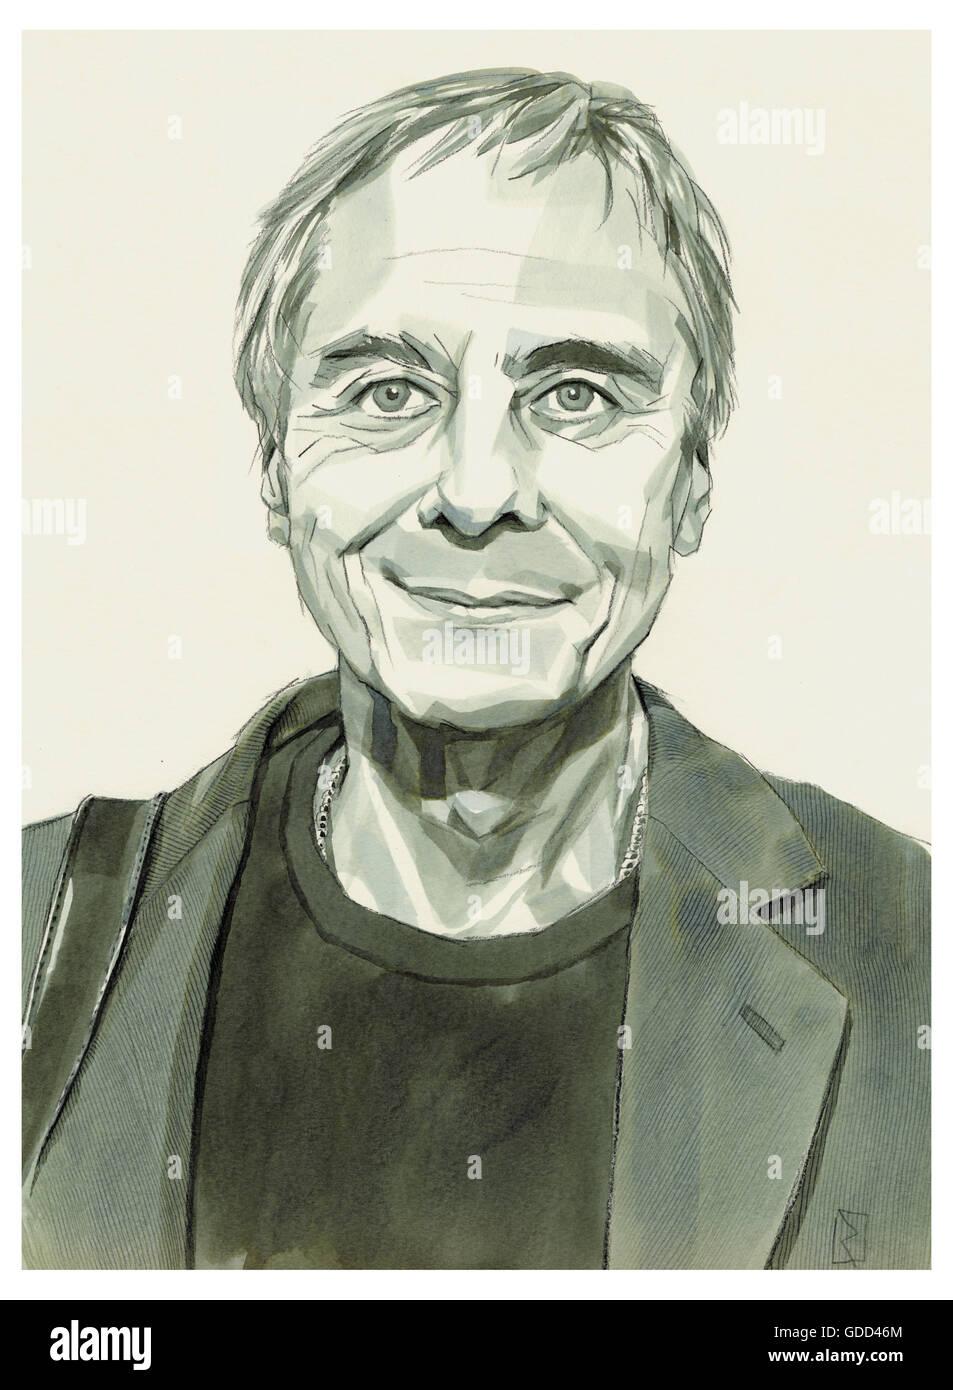 John Neumeier, 24.2.1942, *, chorégraphe américain, portrait, dessin monochrome par Jan Rieckhoff, 16.10.2007, Photo Stock